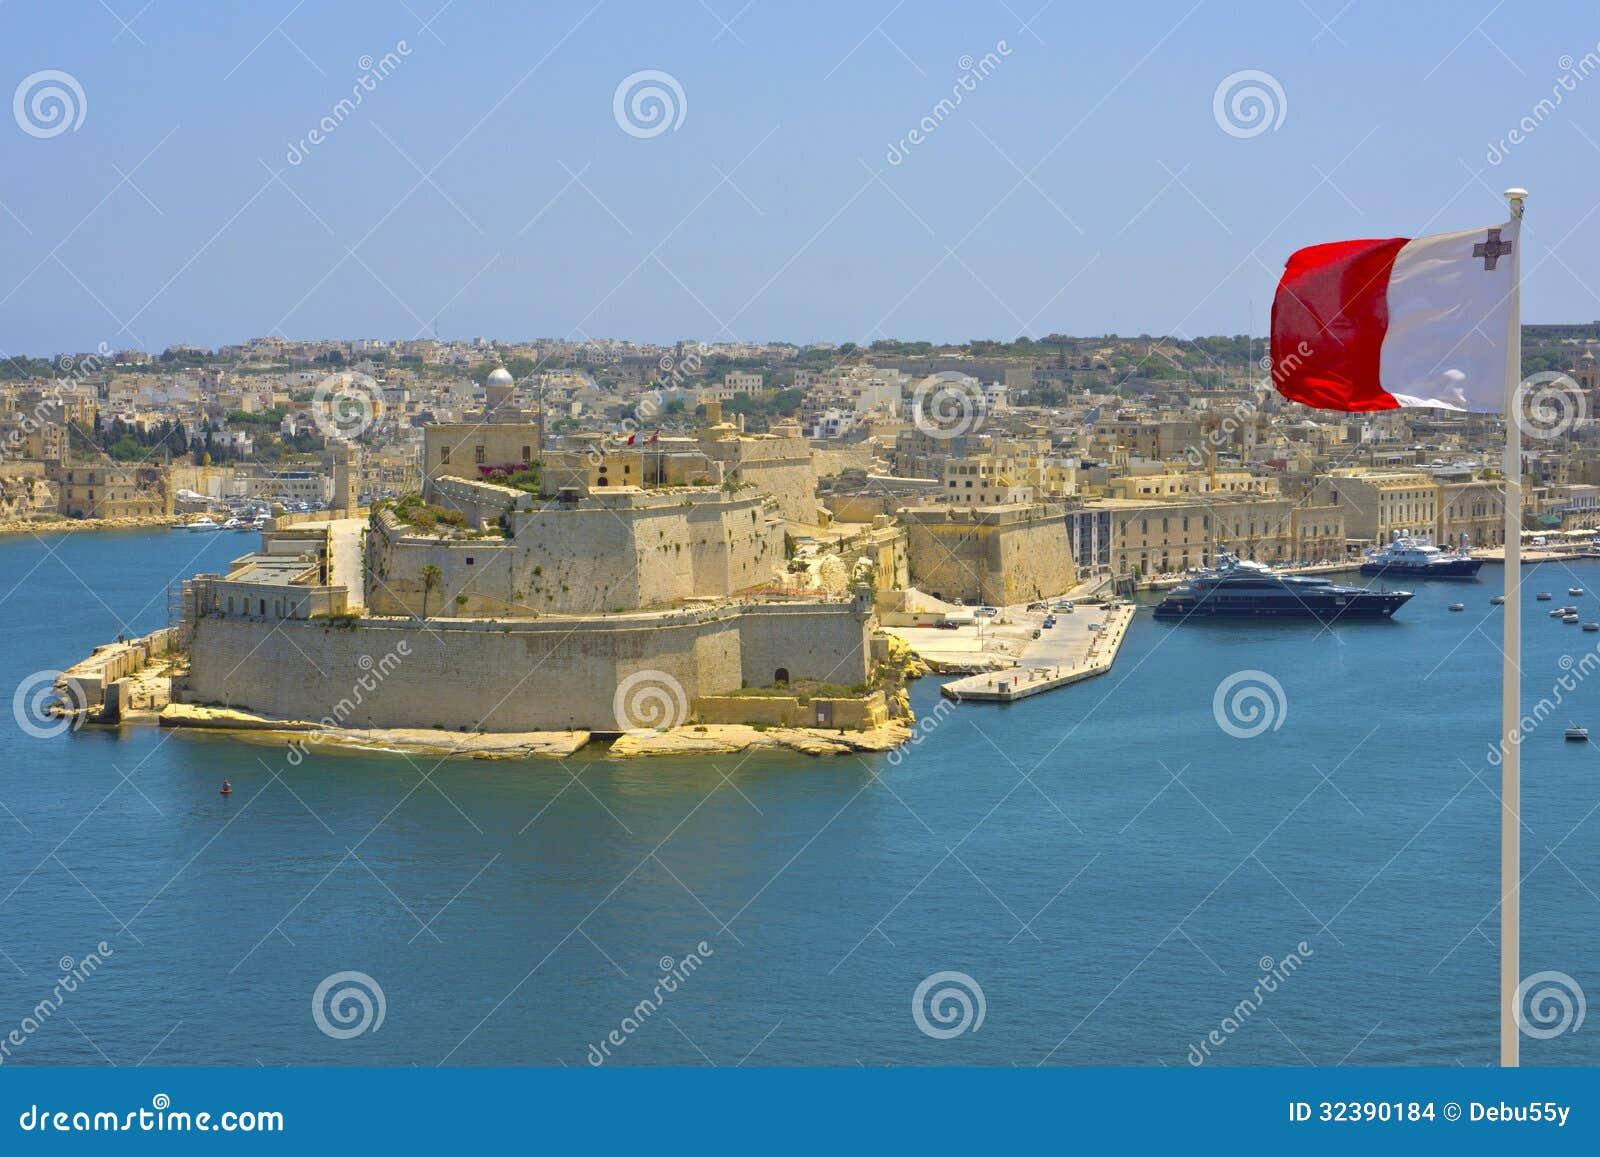 Vista del puerto magnífico, La Valeta, Malta.